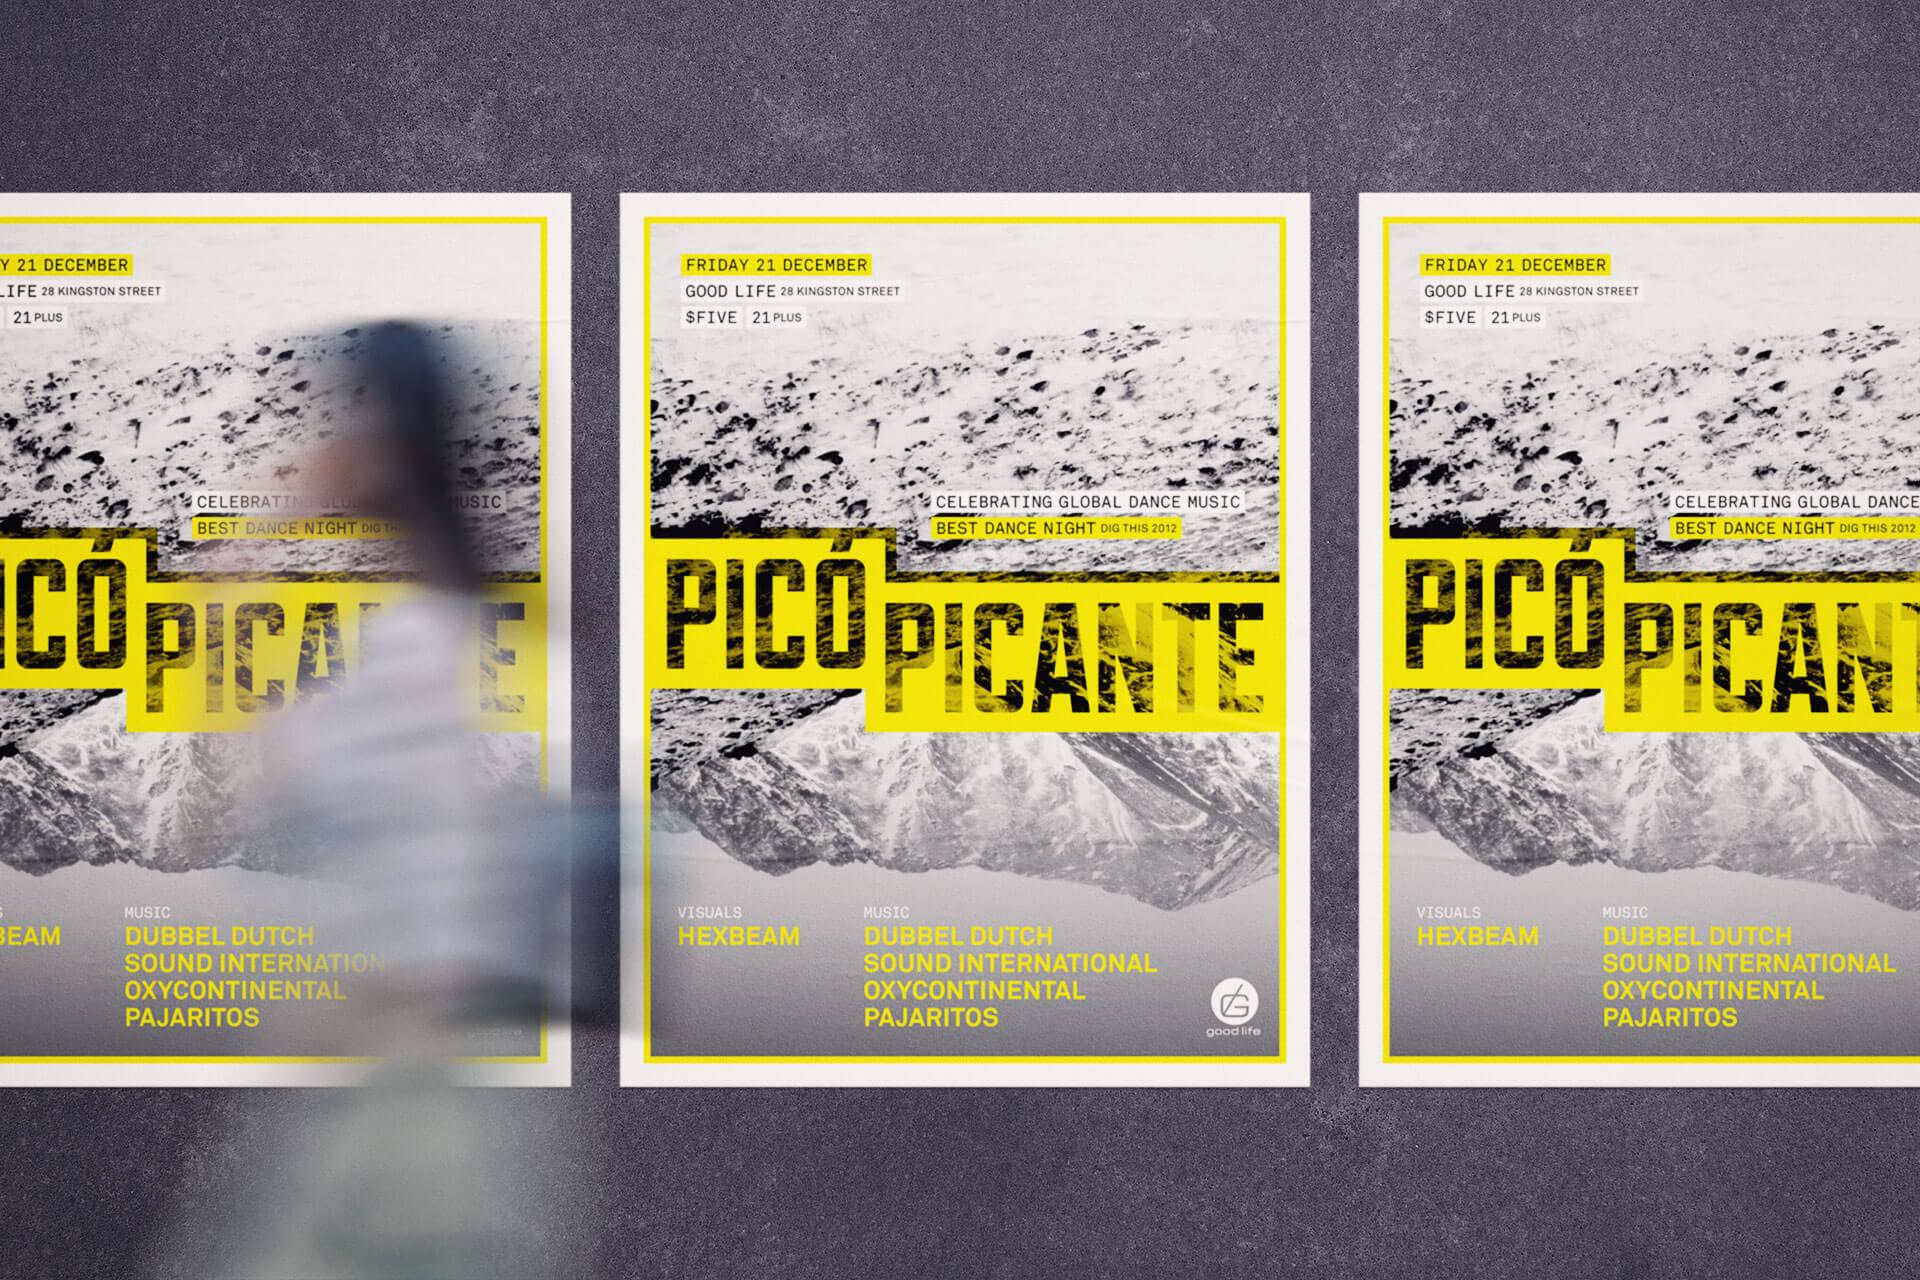 studio-malagon-pico-picante-poster-mockup-04